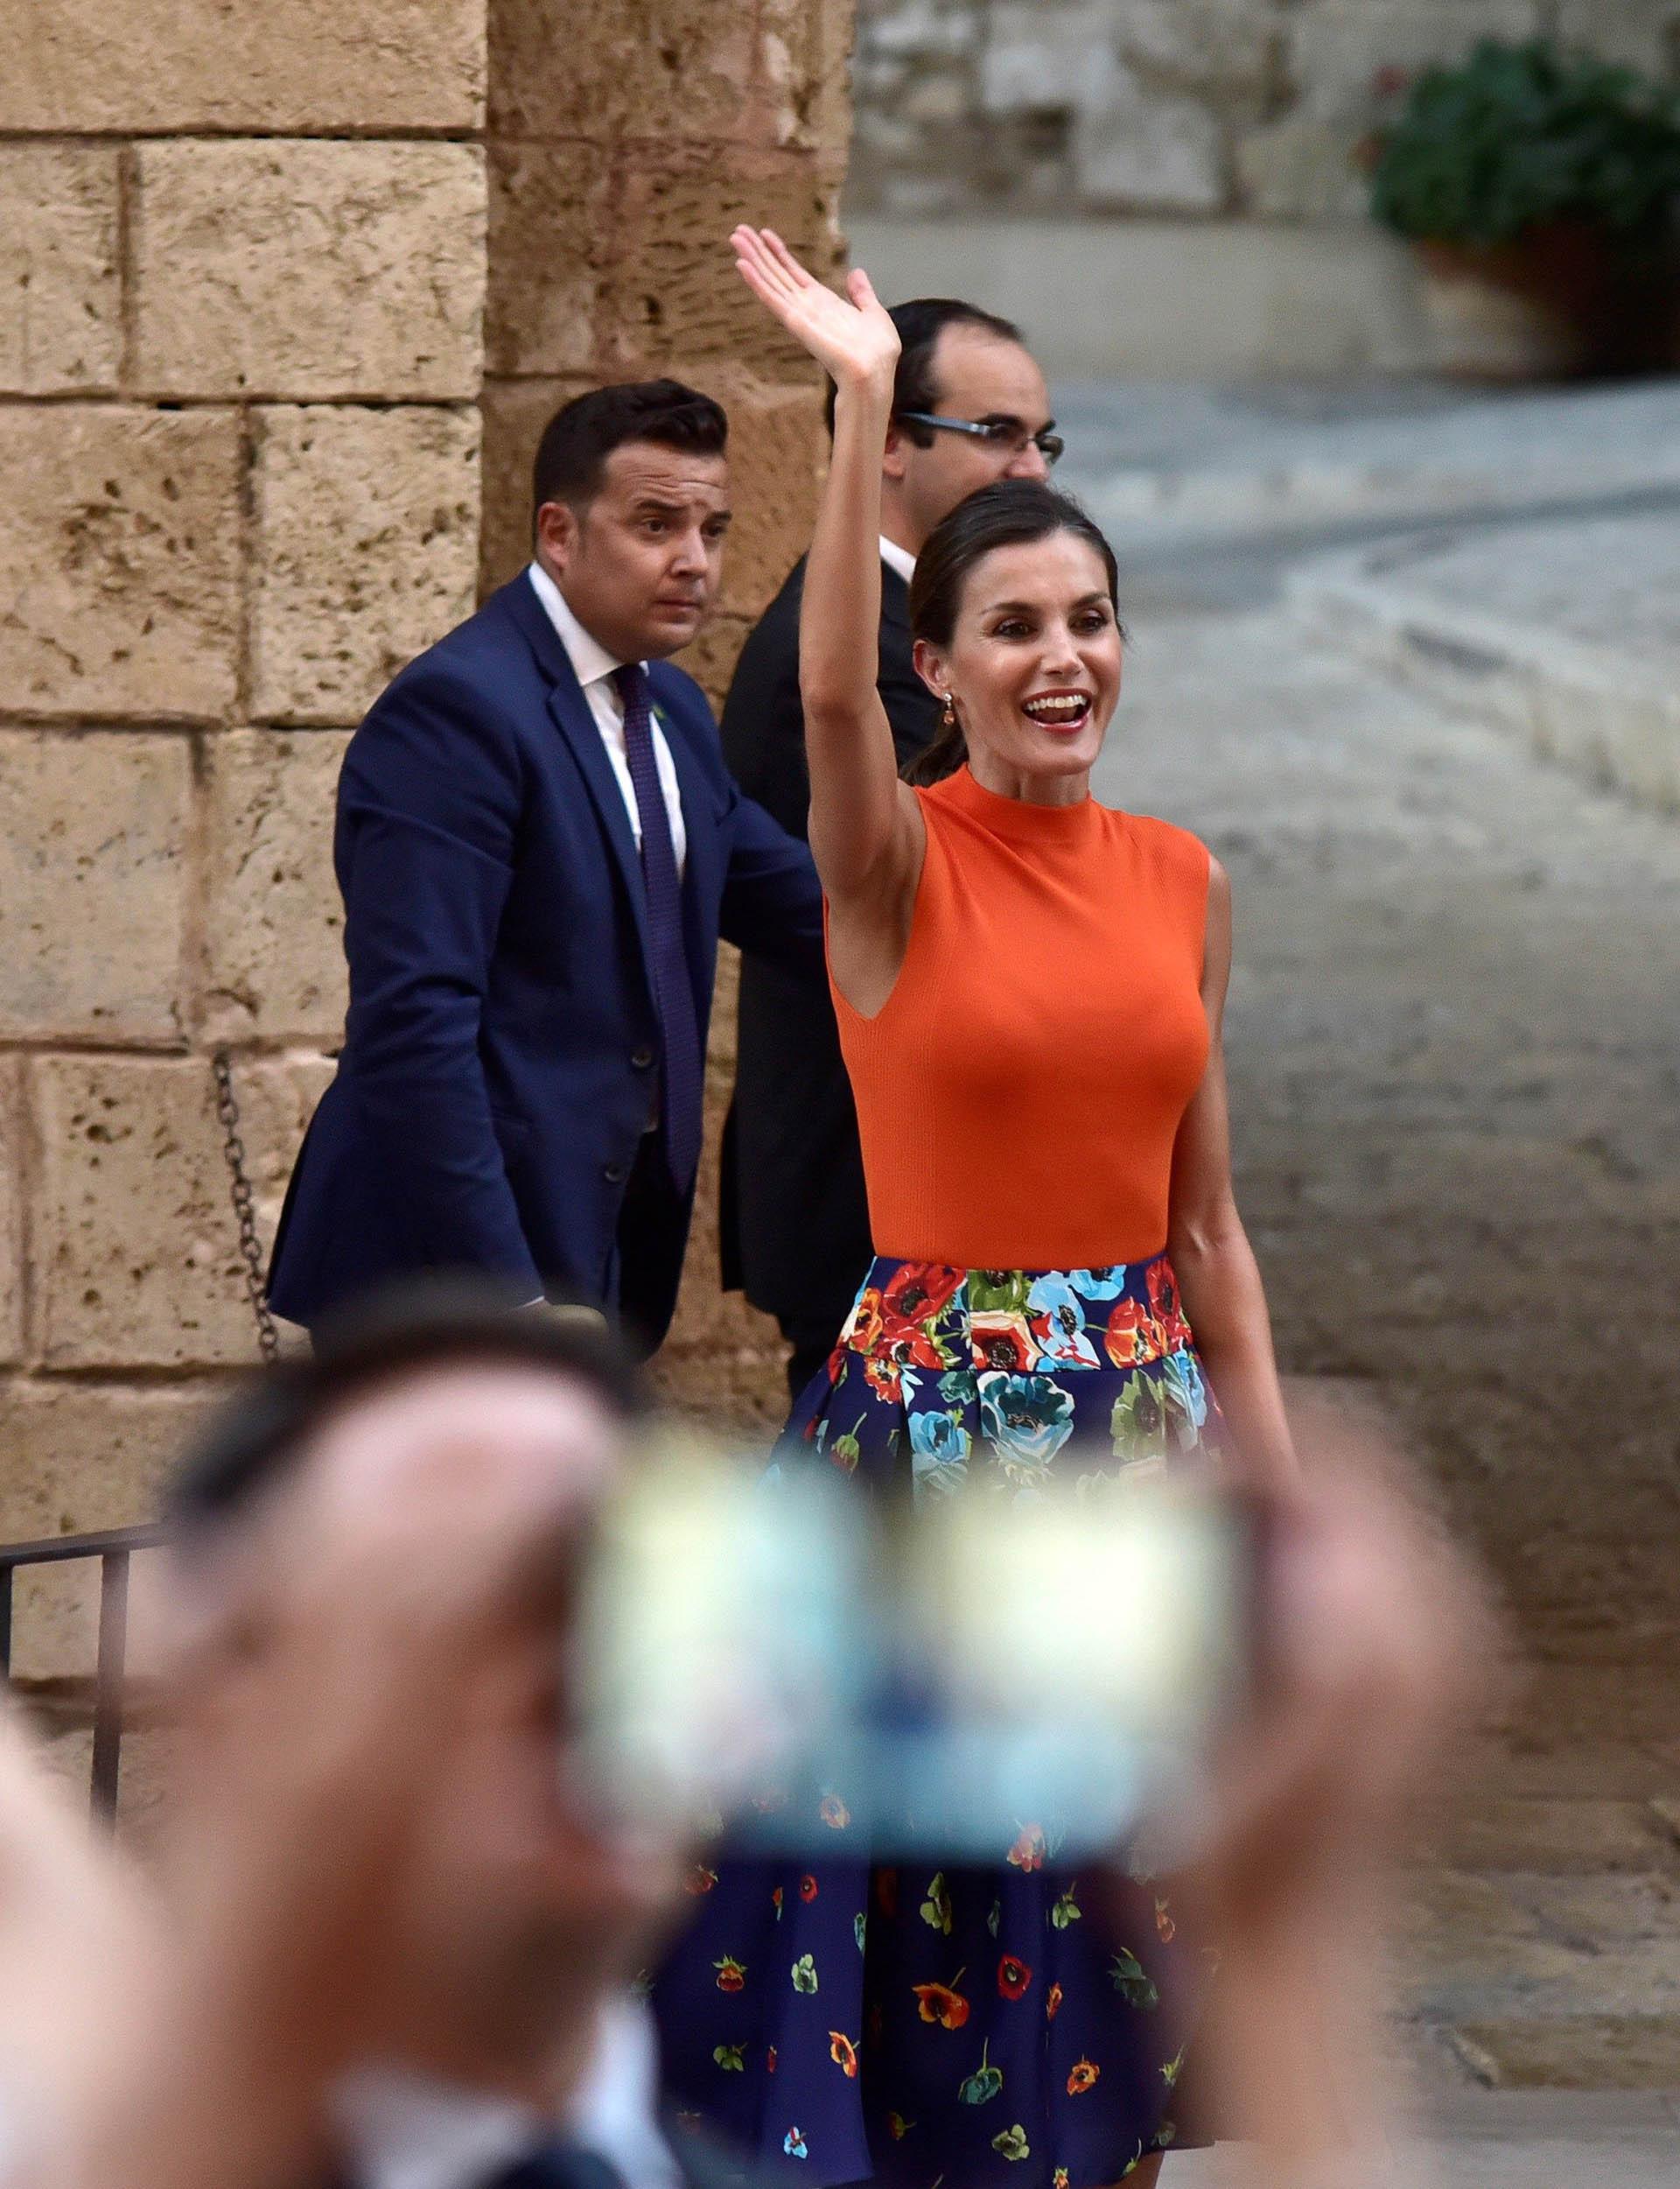 El efusivo saludo de Letizia a la multitud, que se acercó a las puertas del Palacio para poder ver a los reyes de cerca y tomarles fotografías